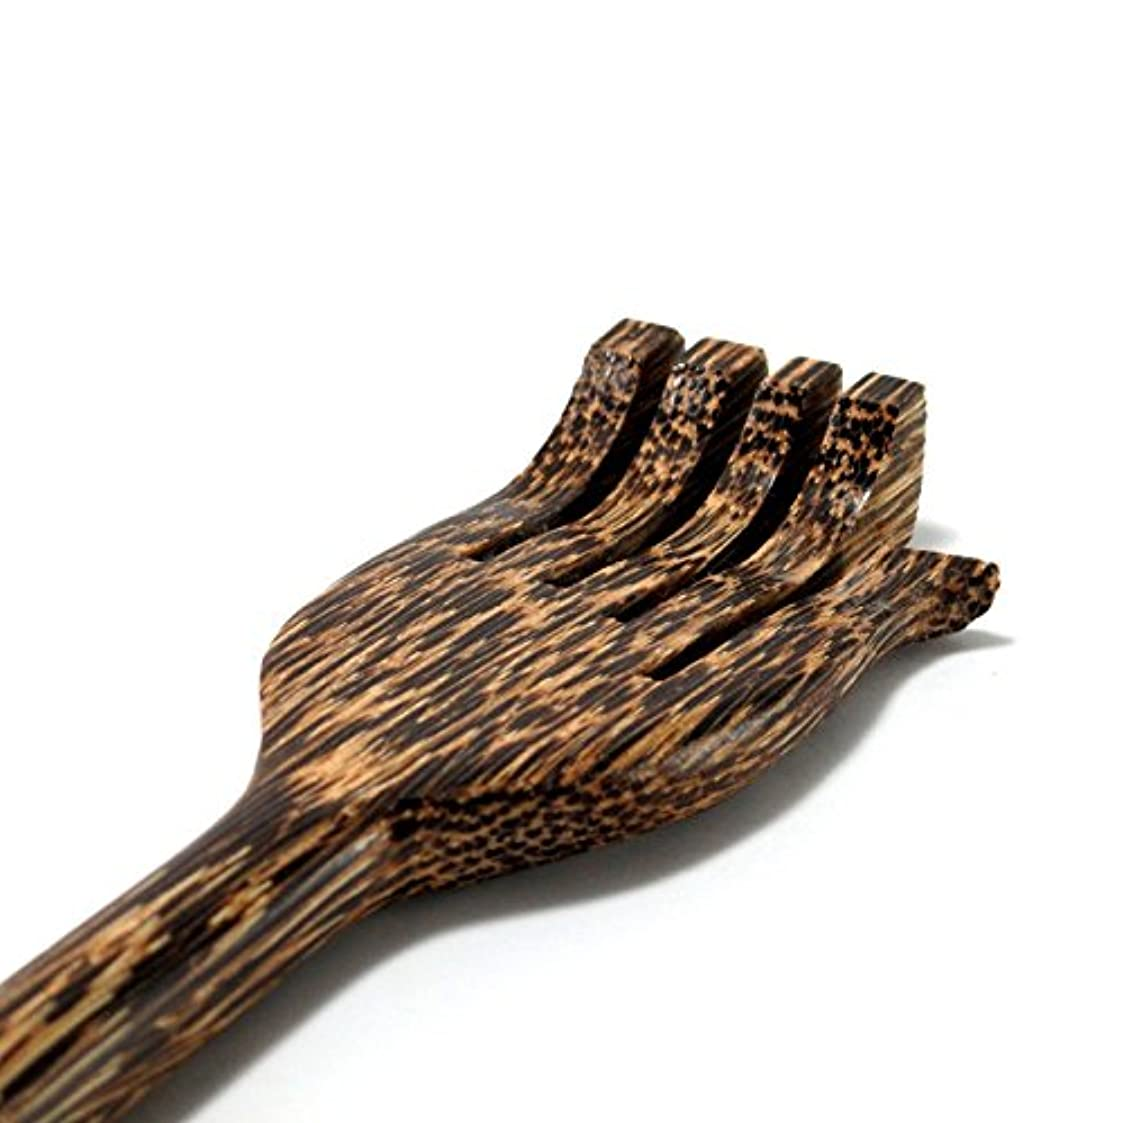 パワー残る救援MARUKOA - バックスクラッチャー 新しいパームウッド手作りスティック タイボディマッサージ木製ギフト